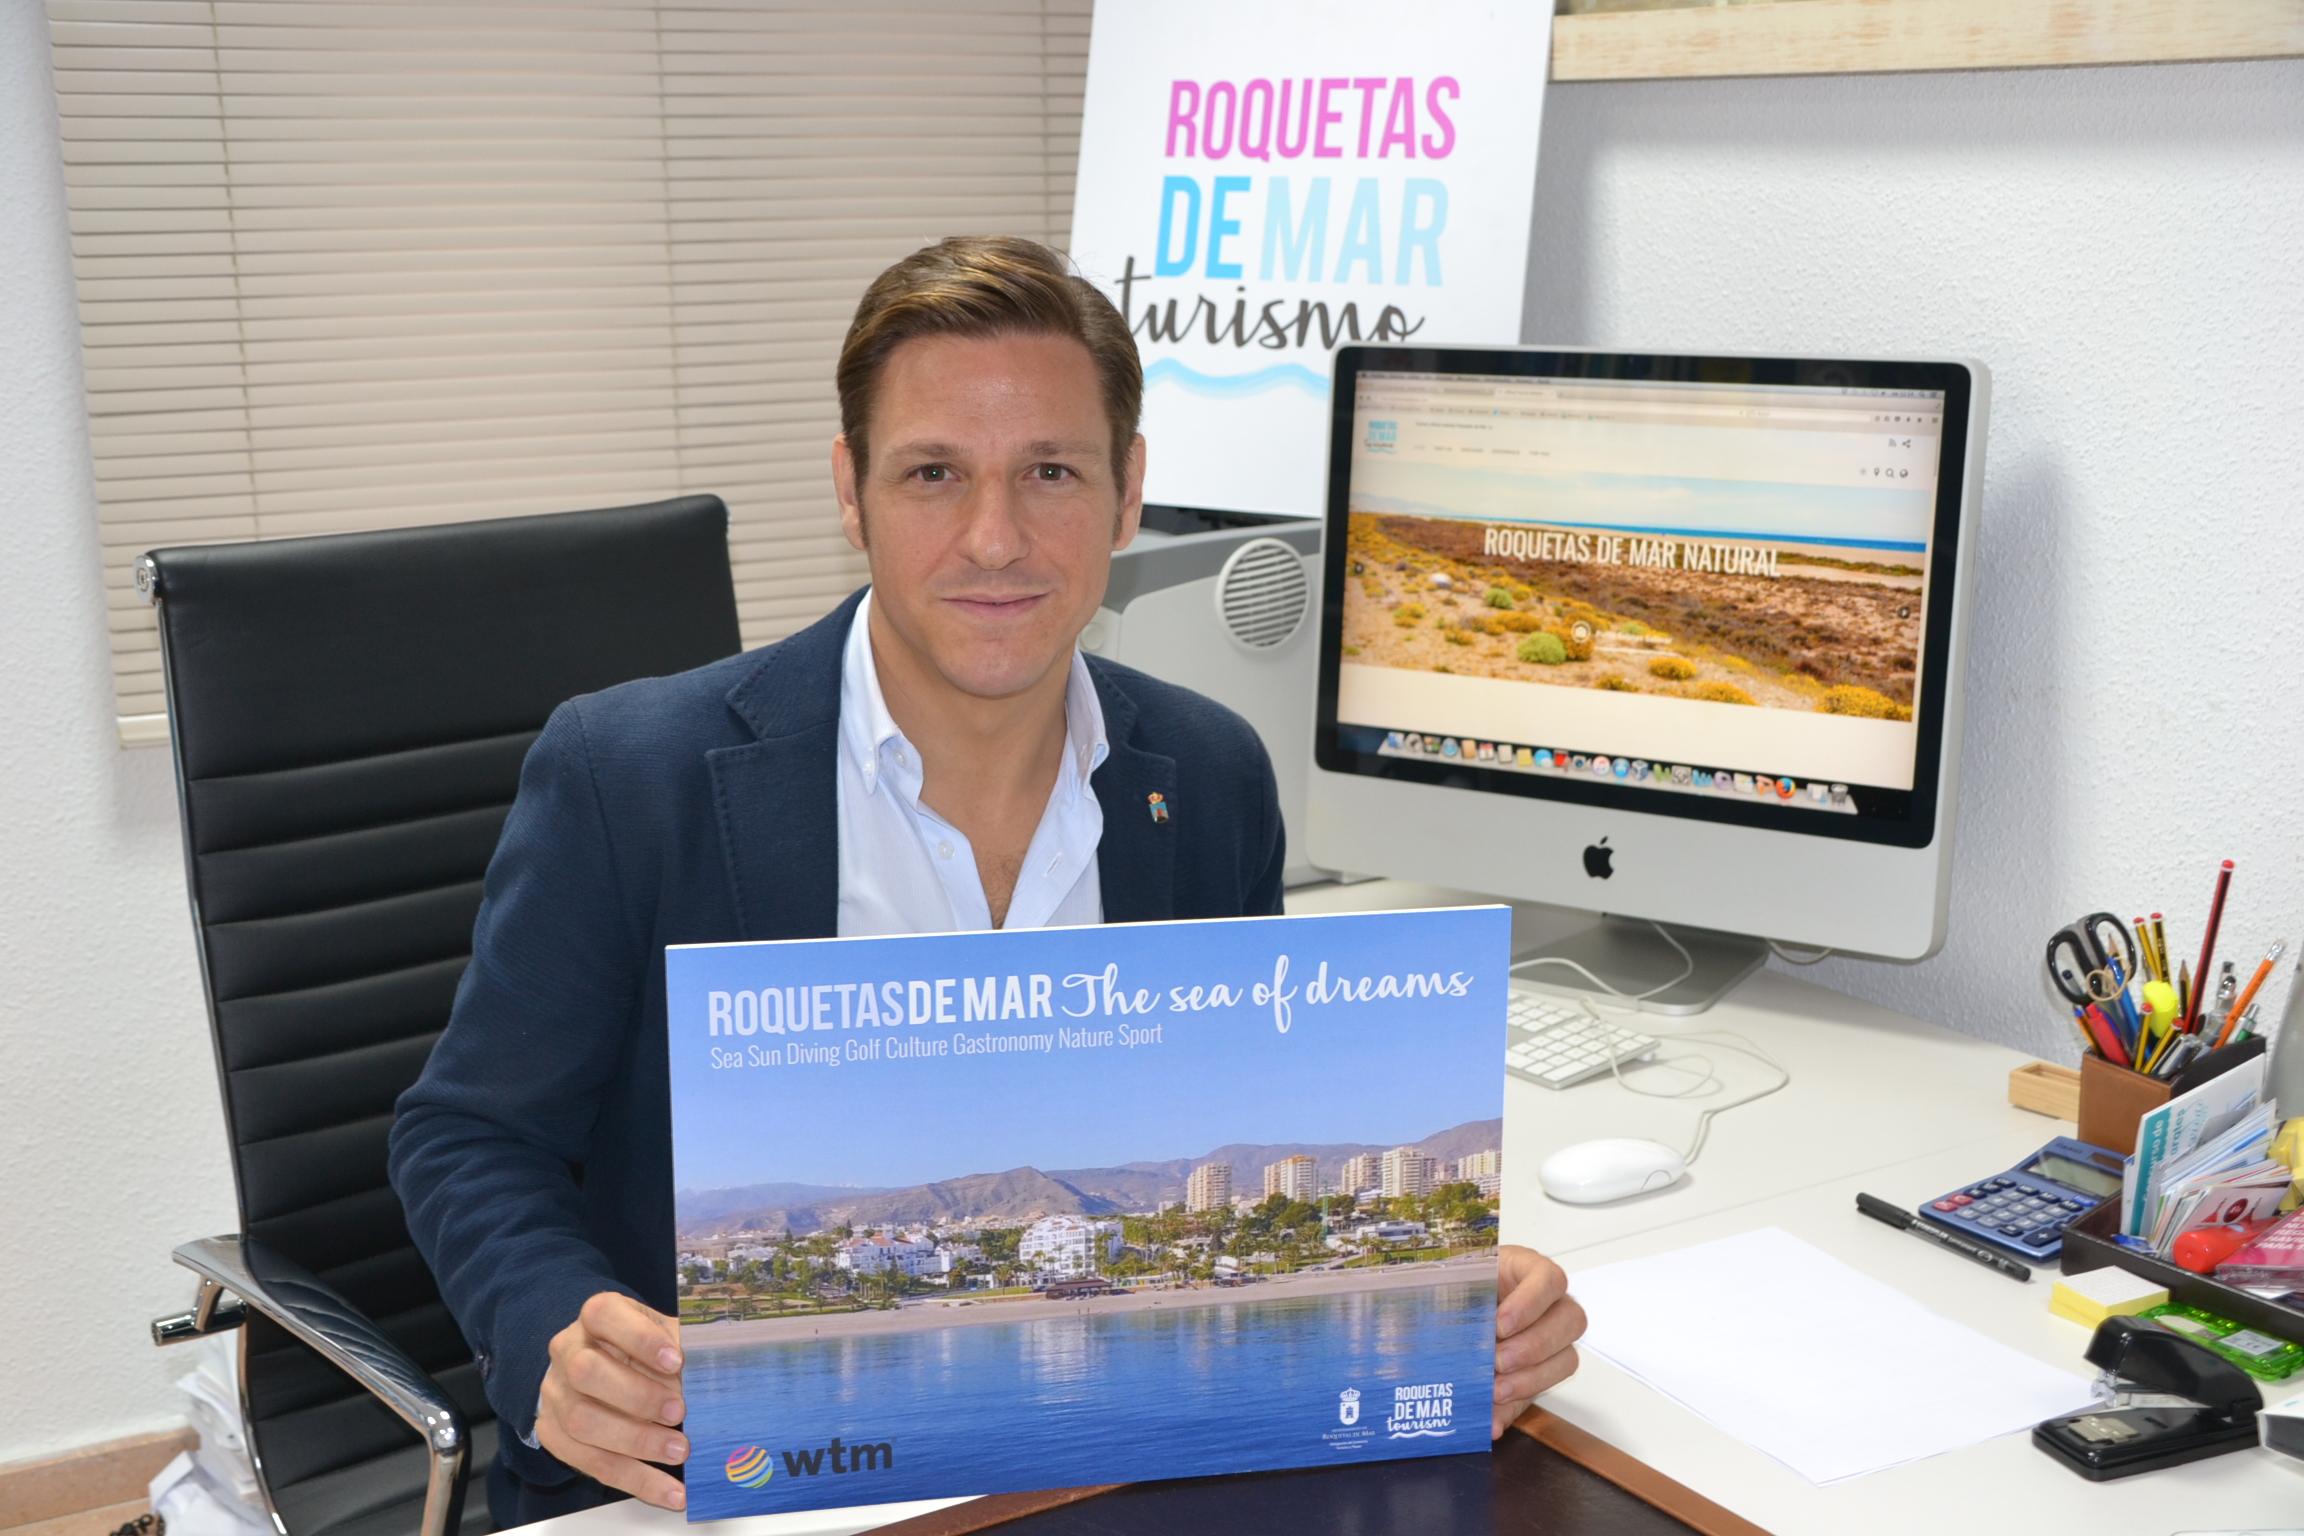 Roquetas estará presente en la World Travel Market para consolidar el destino en el mercado anglosajón